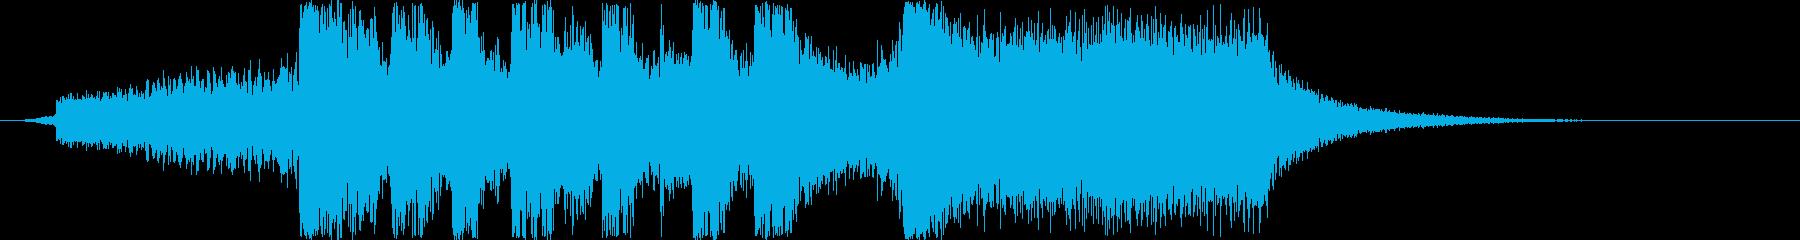 シンセオープニングインパクトの再生済みの波形